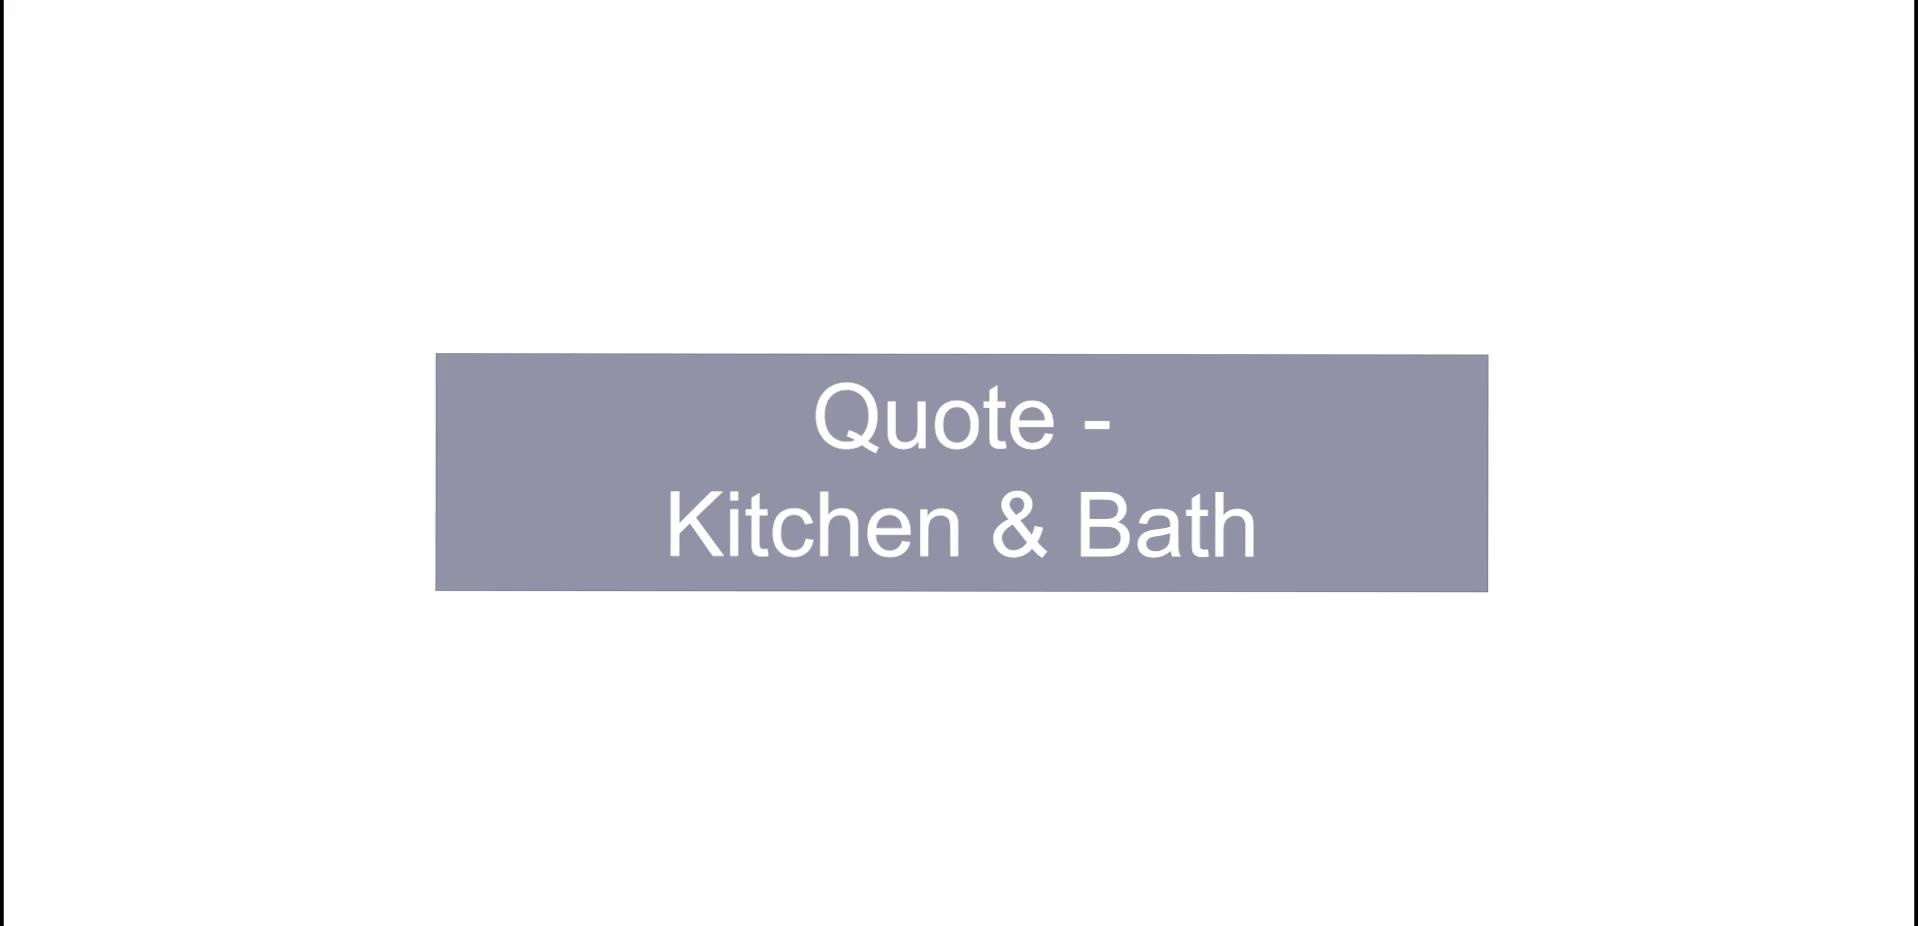 KB Design - Quote